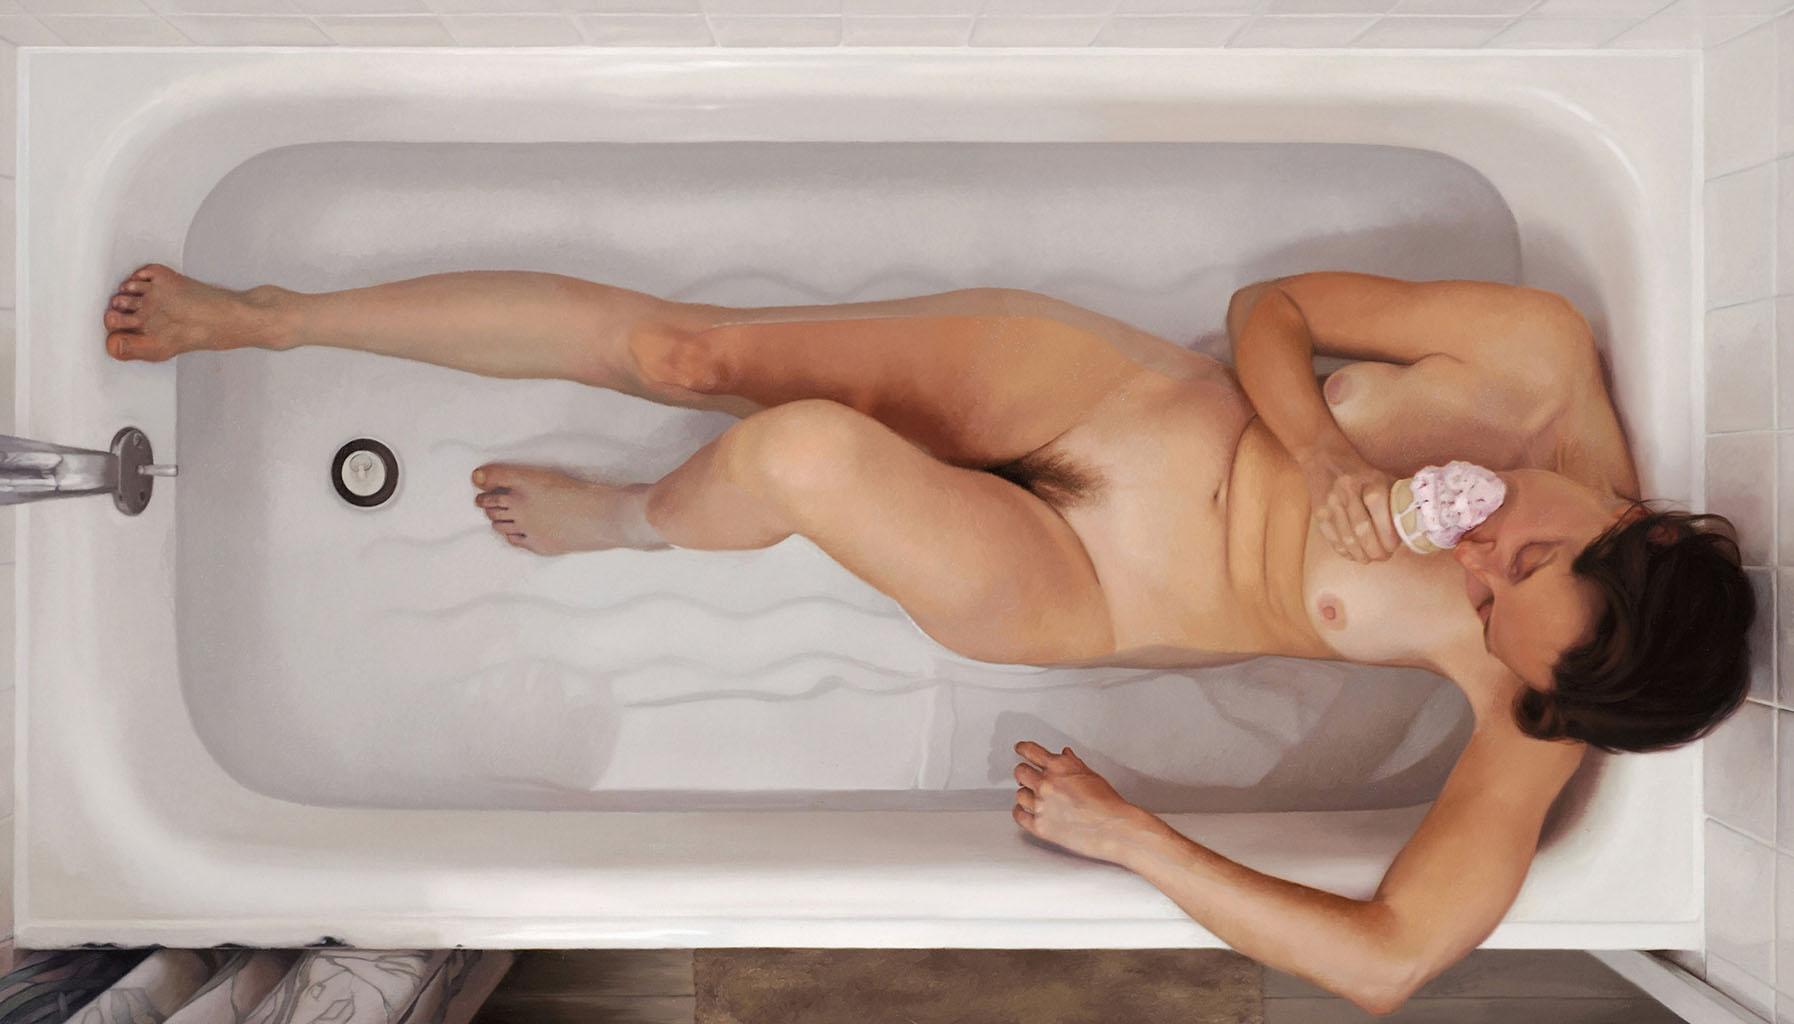 Ли Прайс (Lee Price), Self-Portrait in Tub With Ice Cream Cone